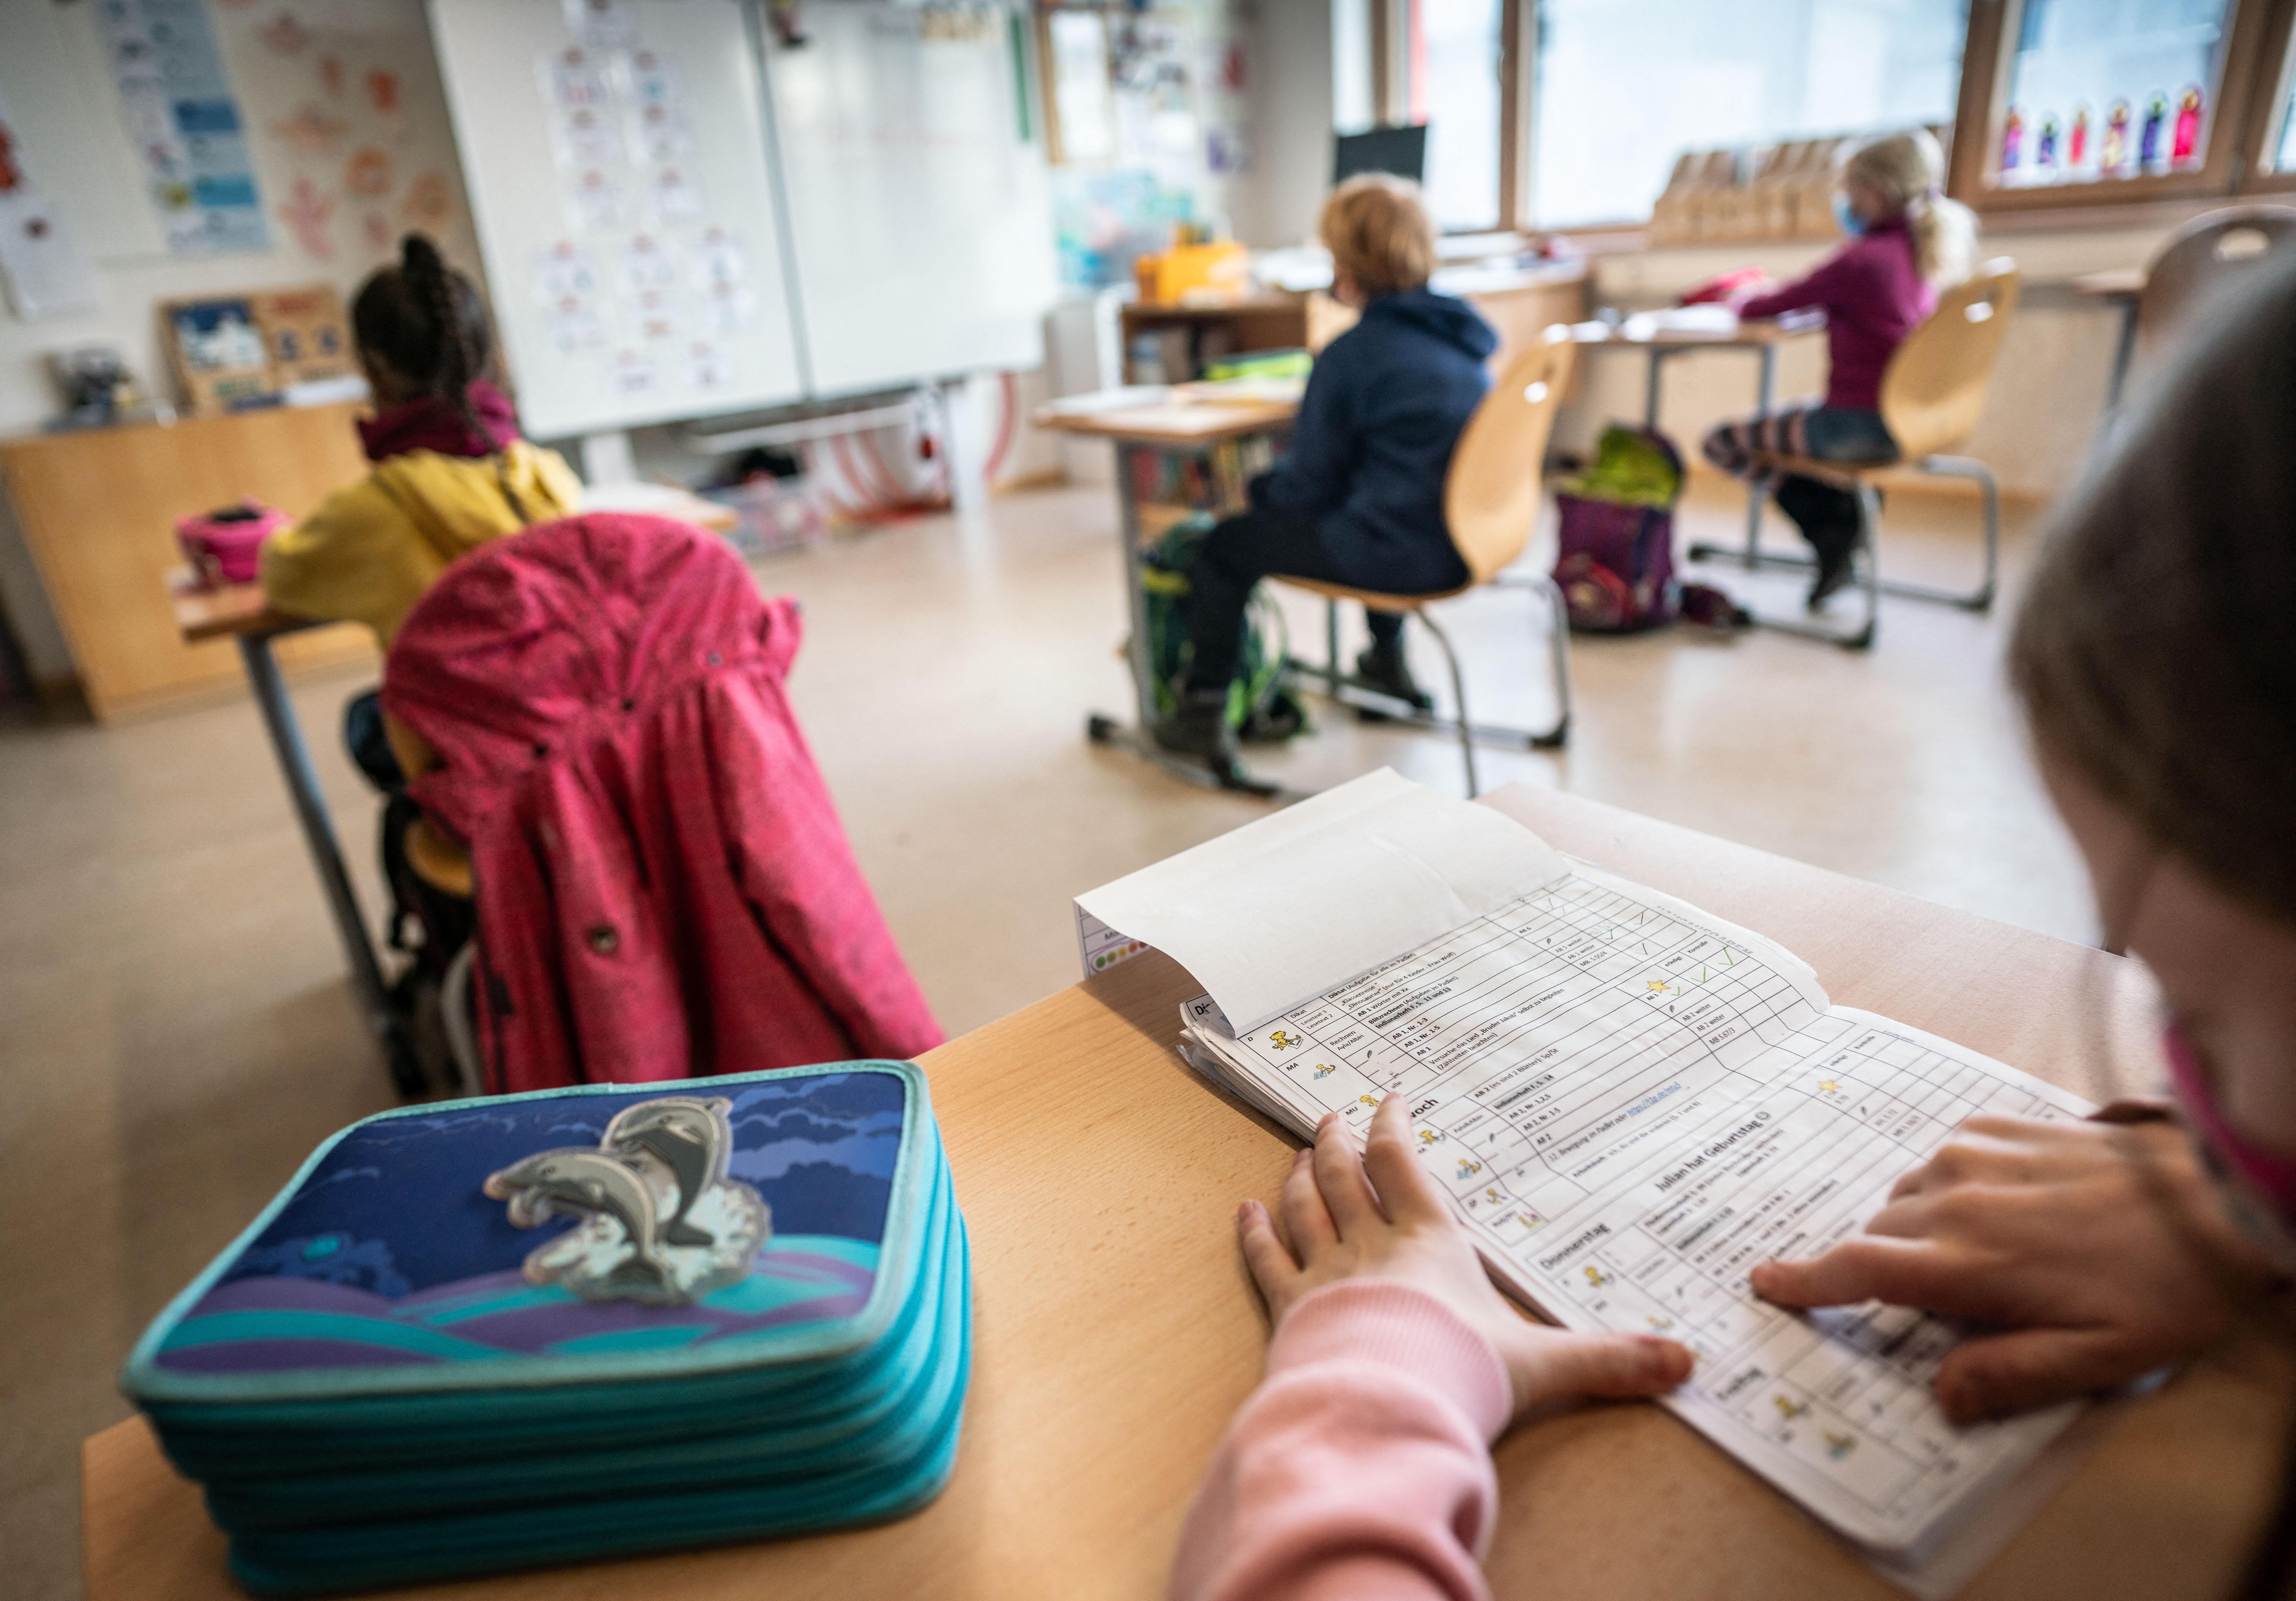 Nyílt levélben kéri az iskolák bezárását Orbántól a Pedagógusok Demokratikus Szakszervezete